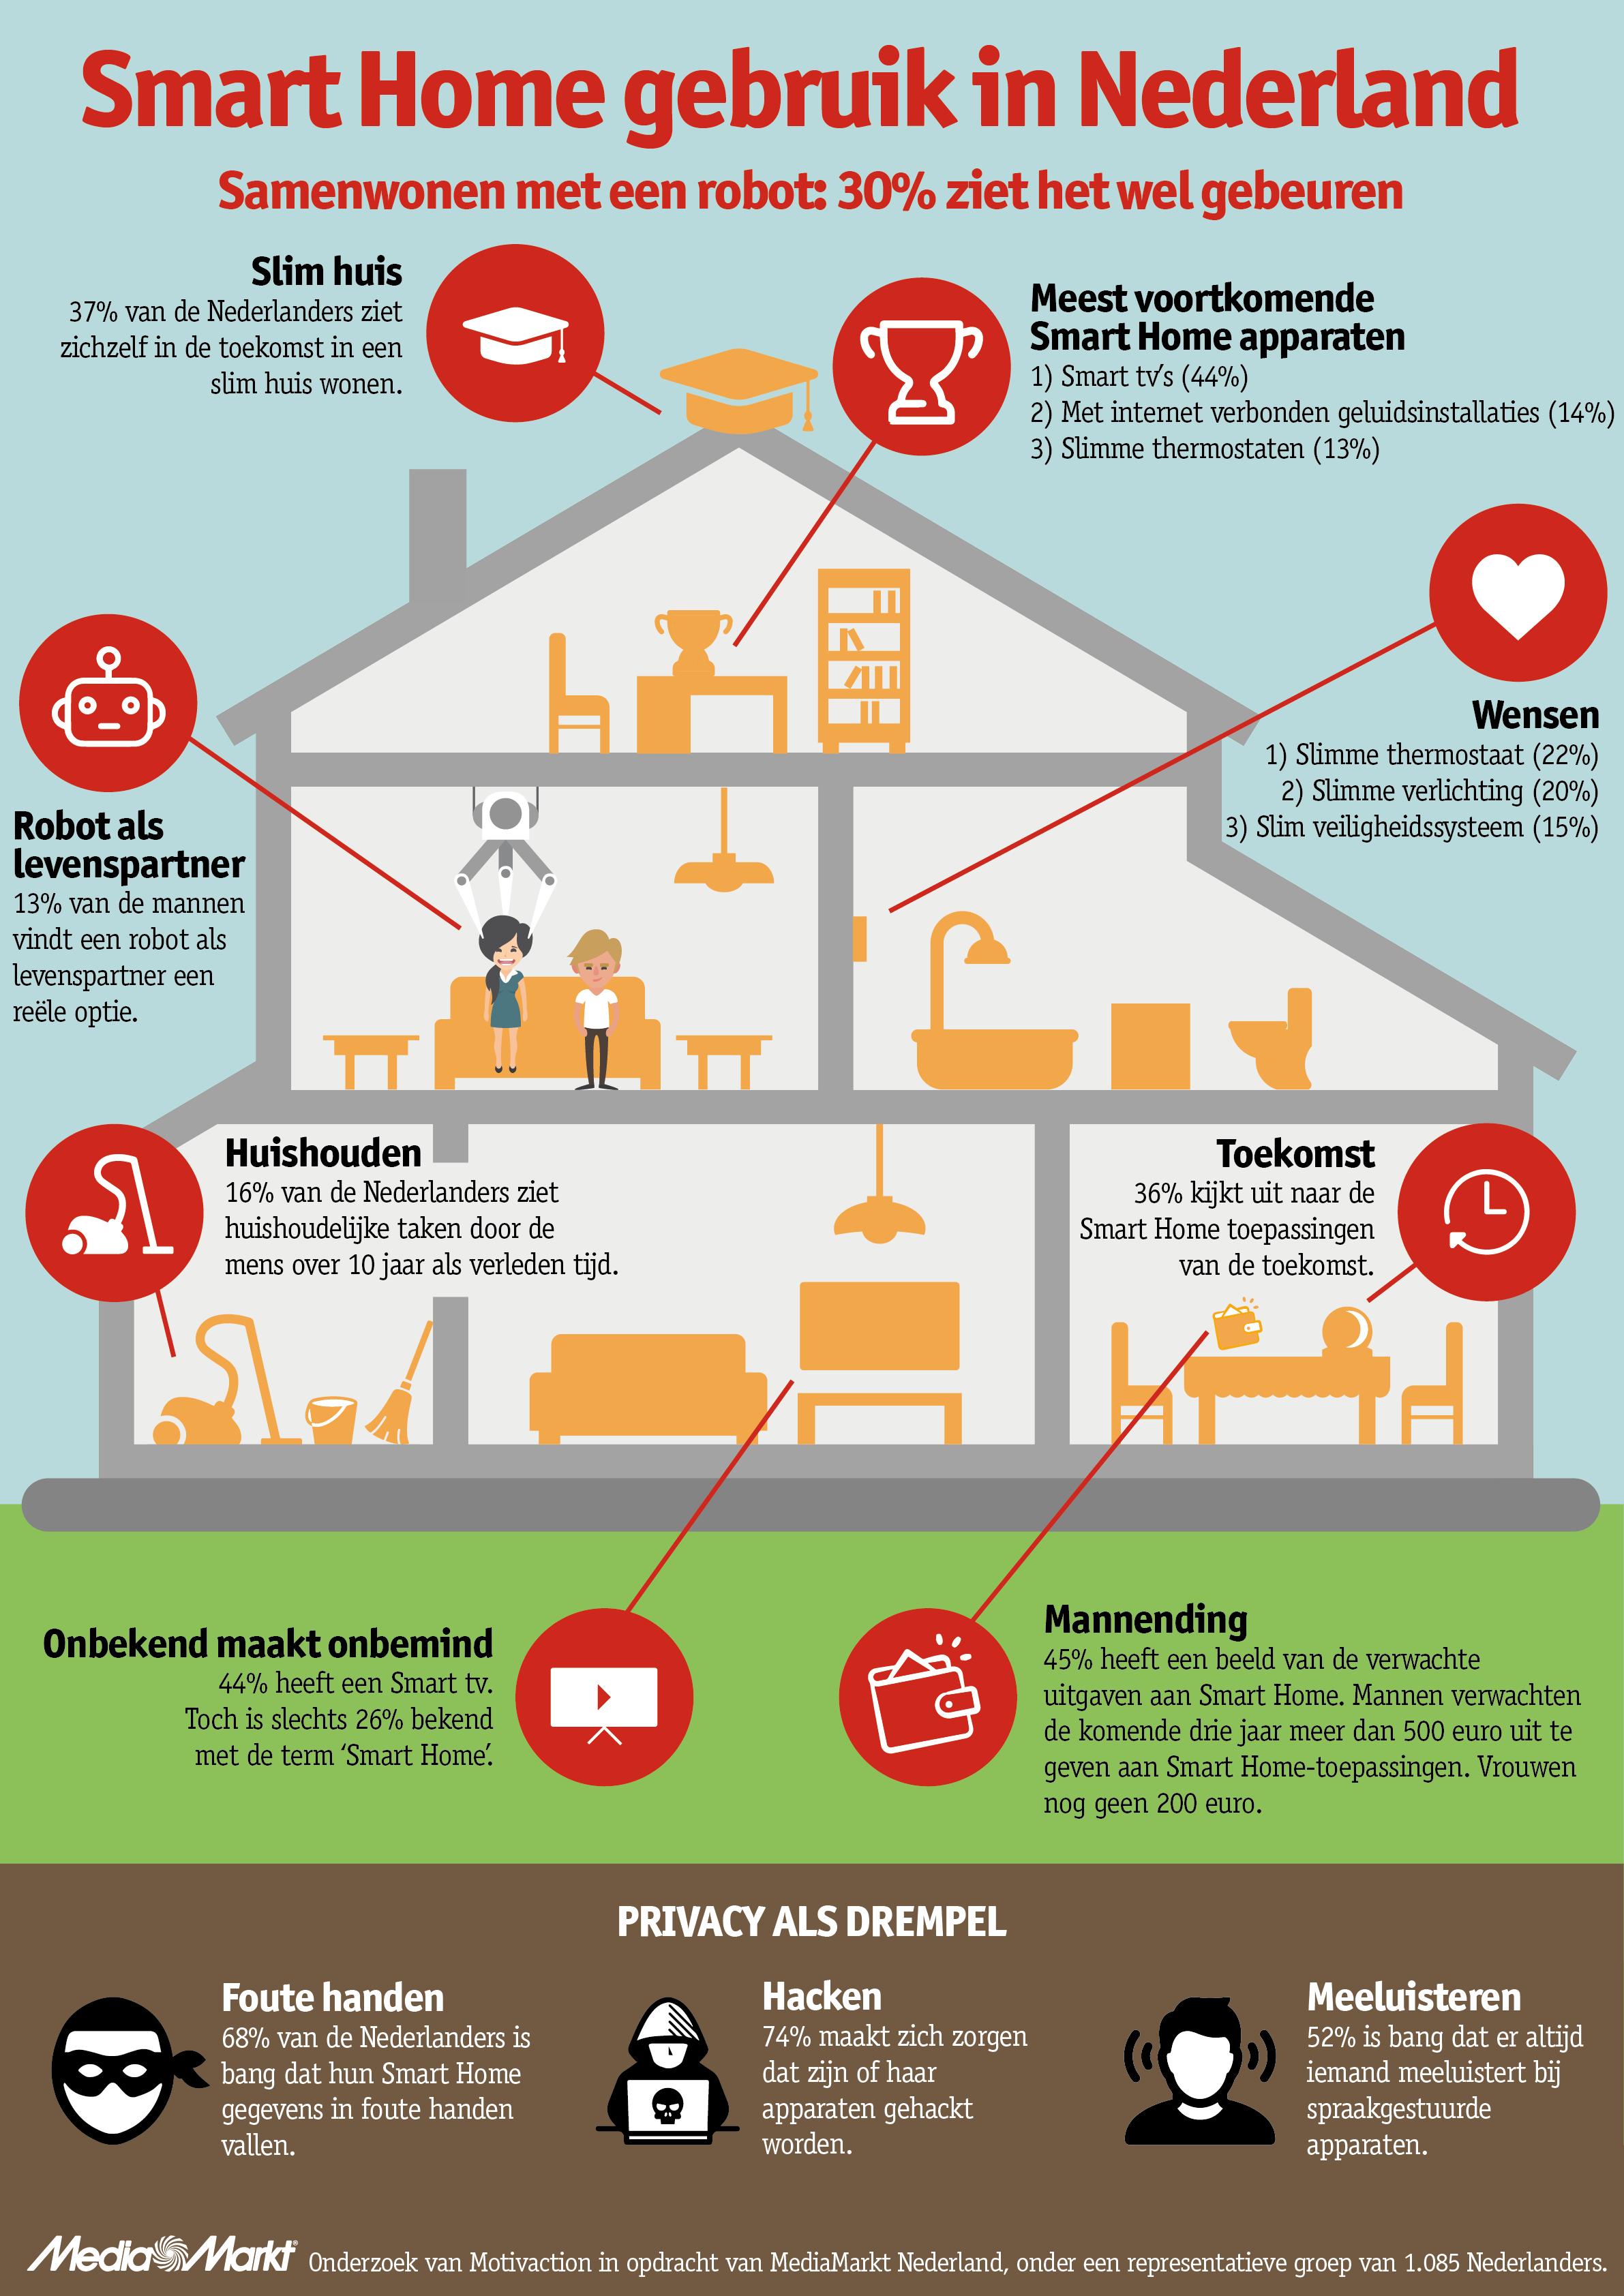 infographic mediamarkt smart home v1 0